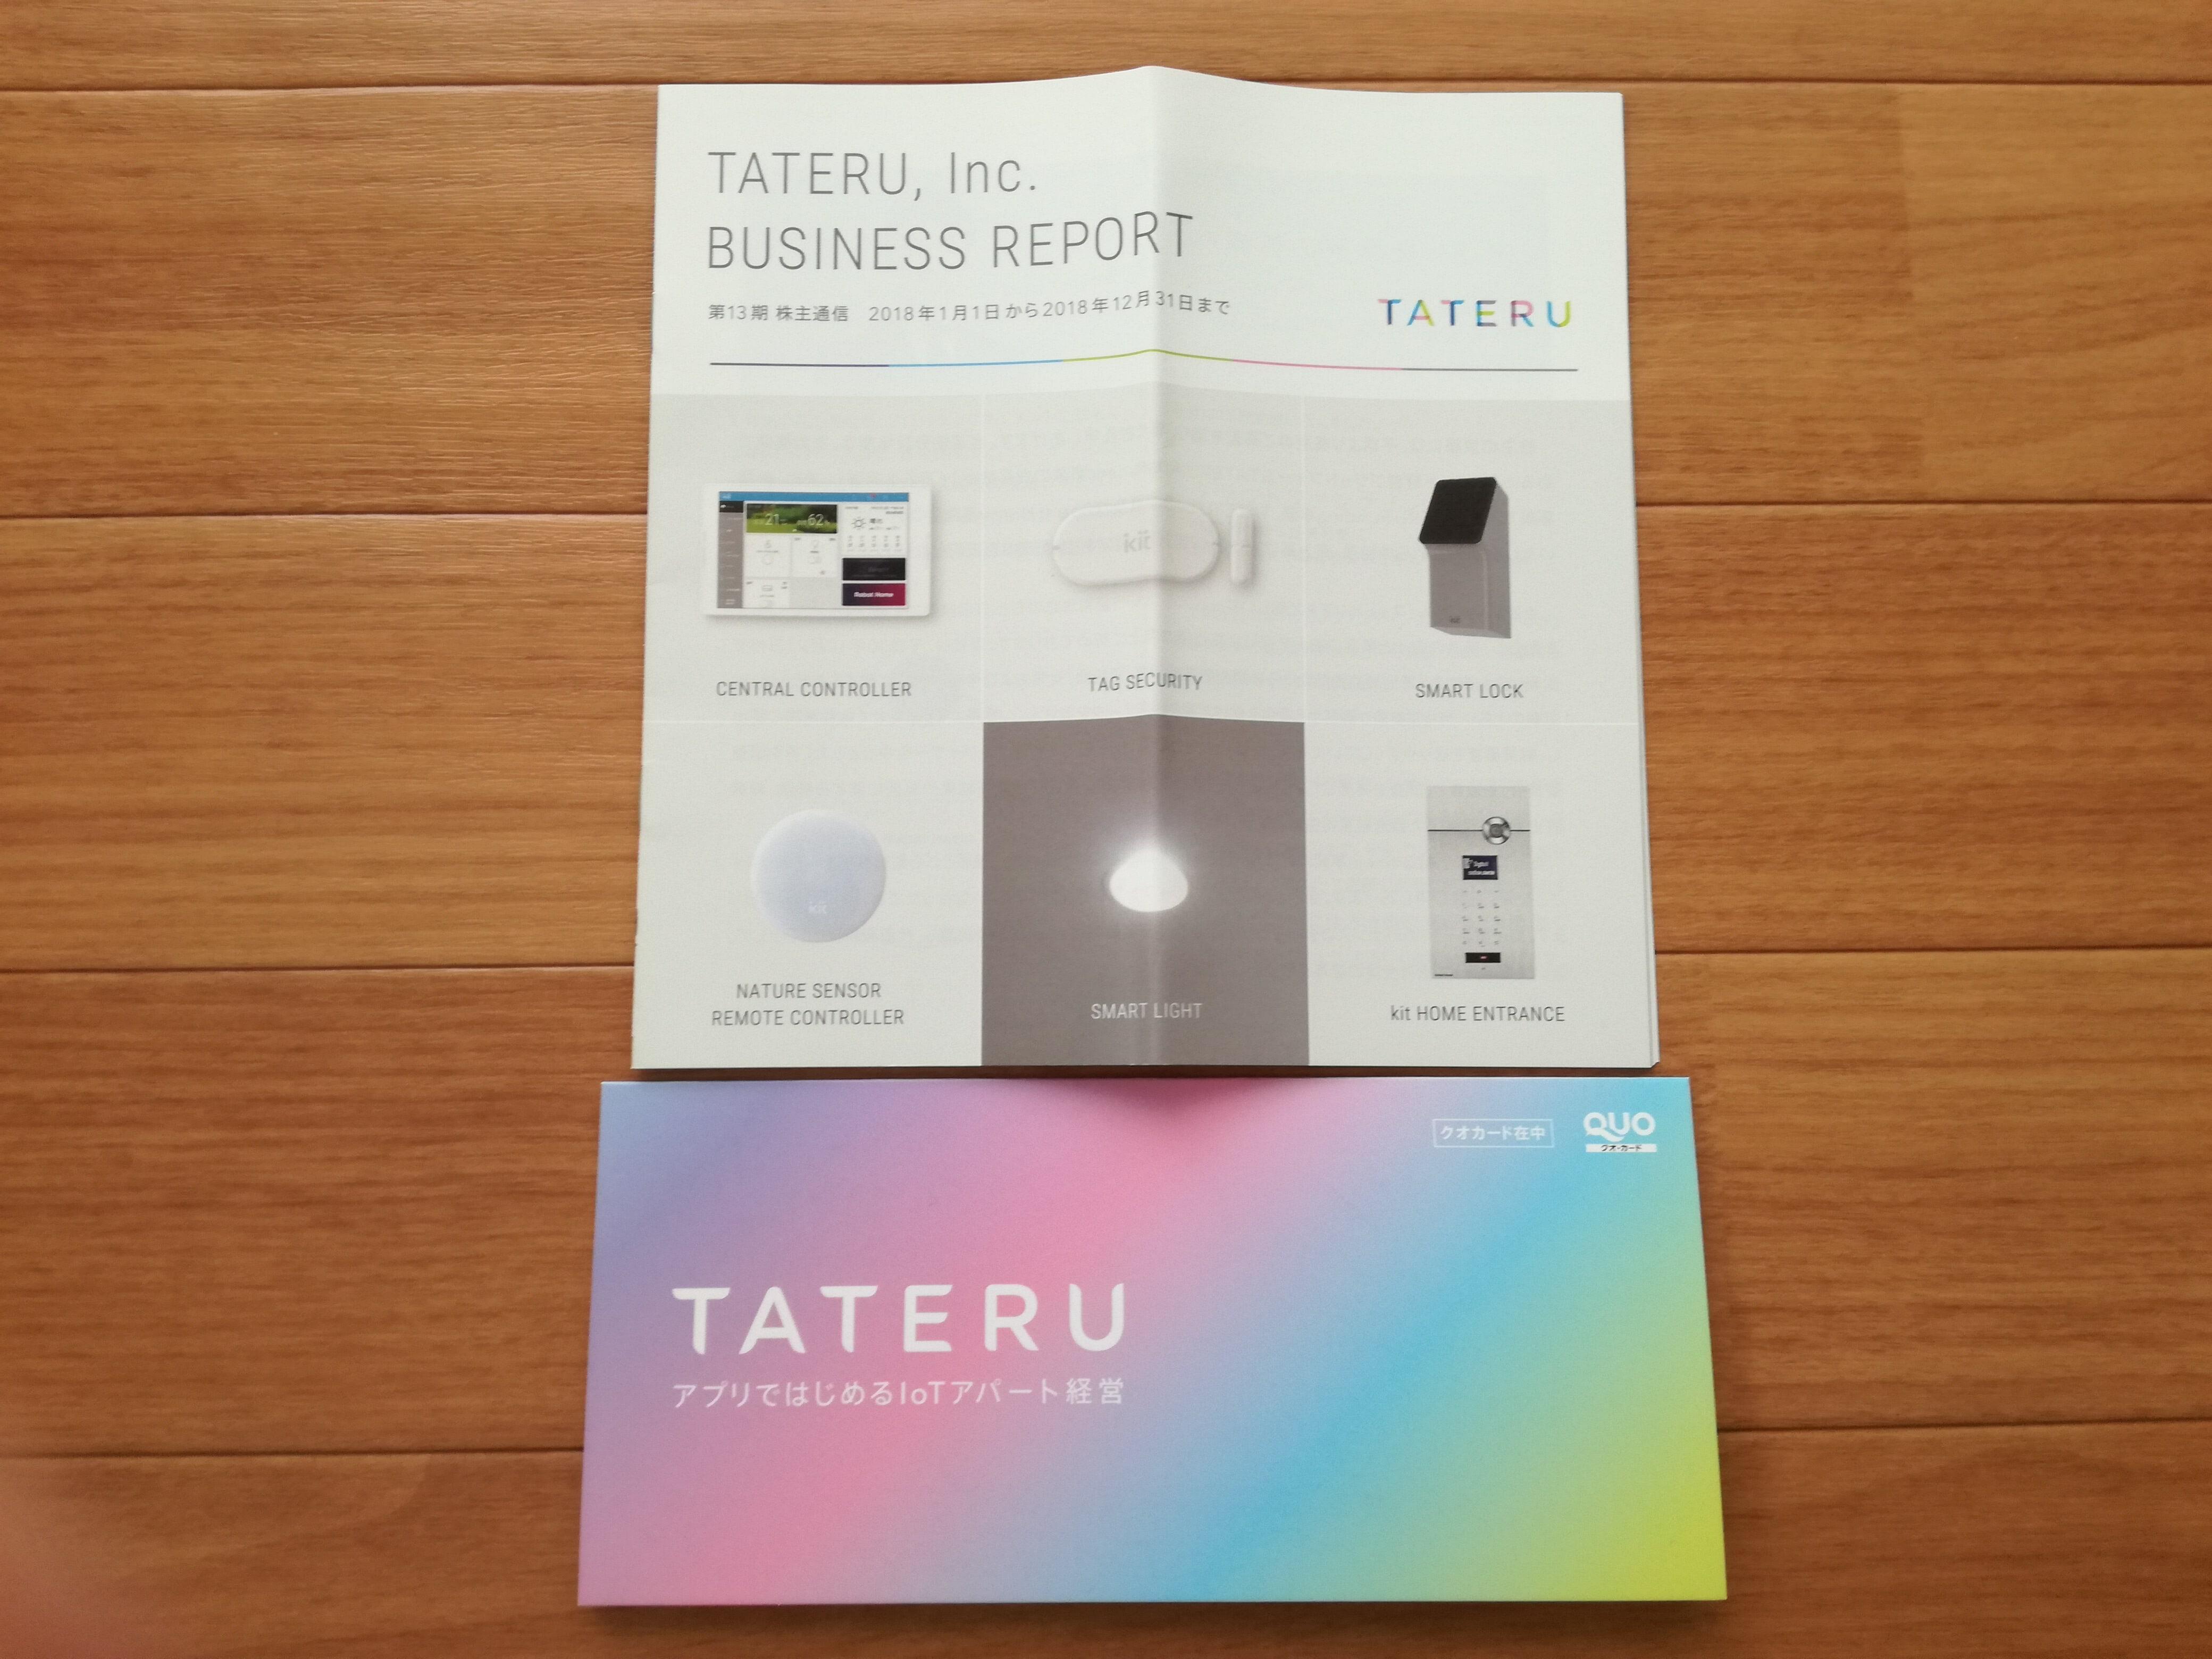 まさかもらえるとは!不祥事で株価暴落のTATERU(1435)から株主優待クオカード3,000円分が到着!